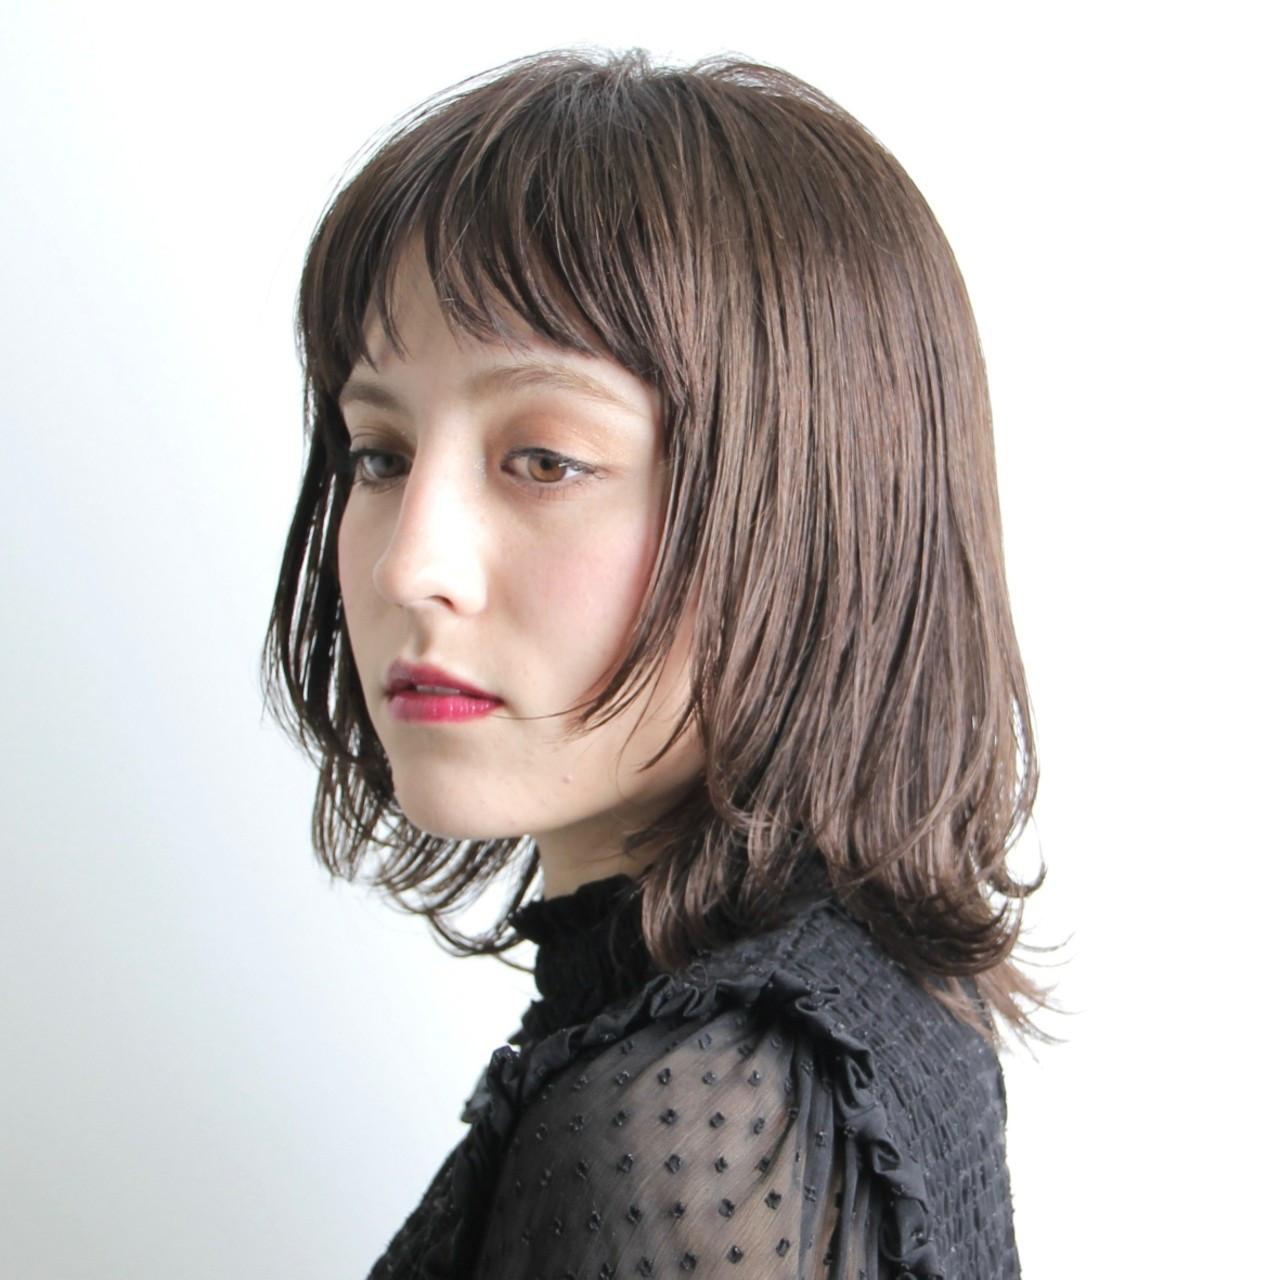 モード ボブ 似合わせ ウルフカット ヘアスタイルや髪型の写真・画像